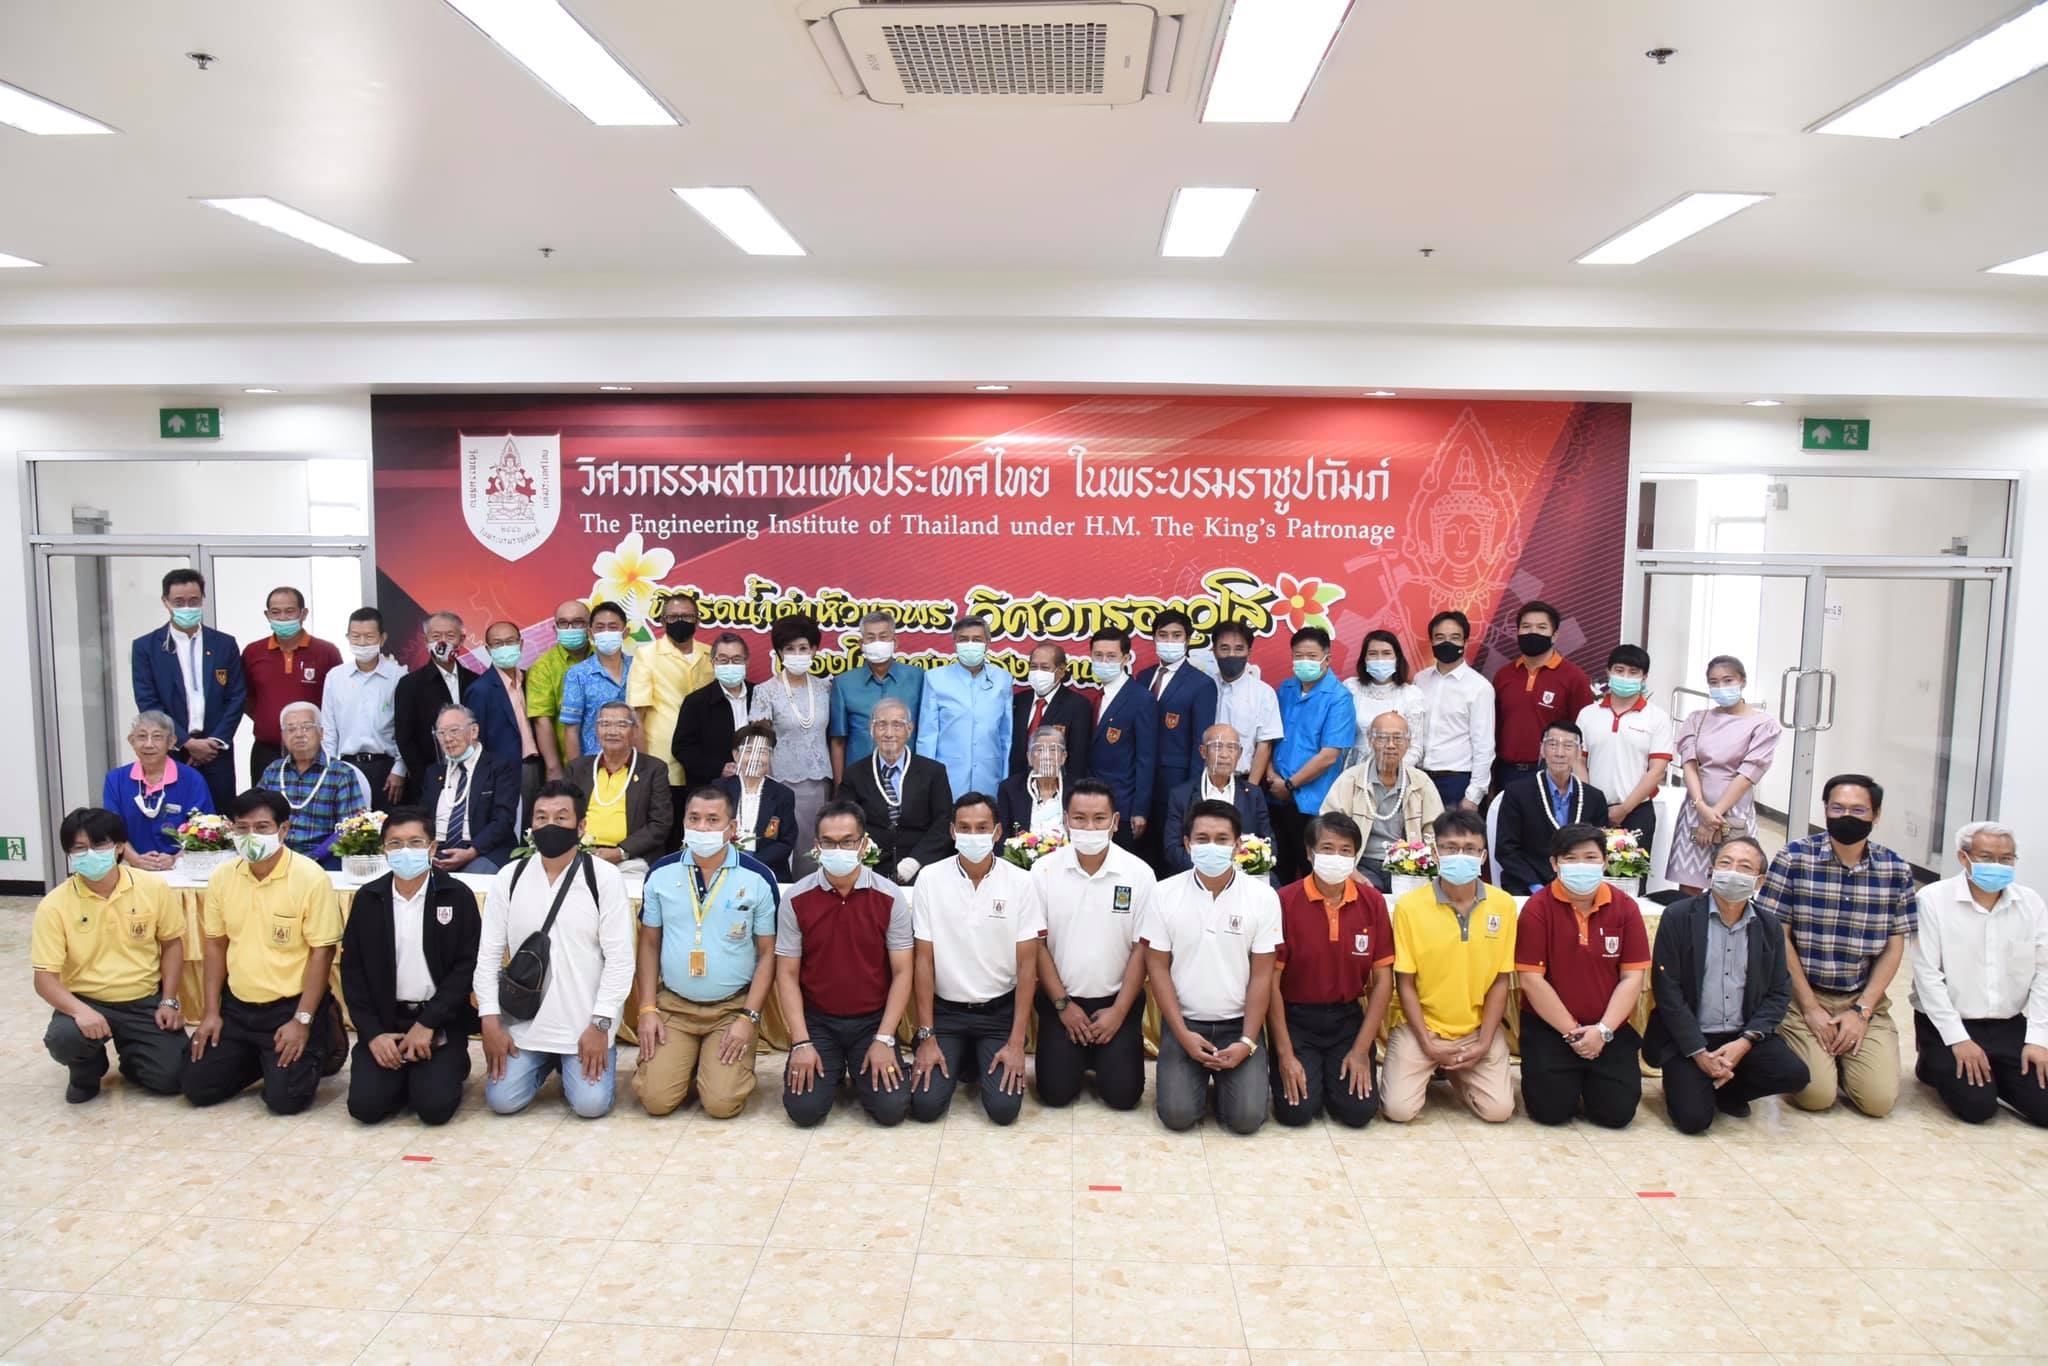 วิศวกรรมสถานแห่งประเทศไทยฯ (วสท.) ทำพิธีบวงสรวงพระวิษณุกรรม เนื่องในเทศกาลวันสงกรานต์ 2564